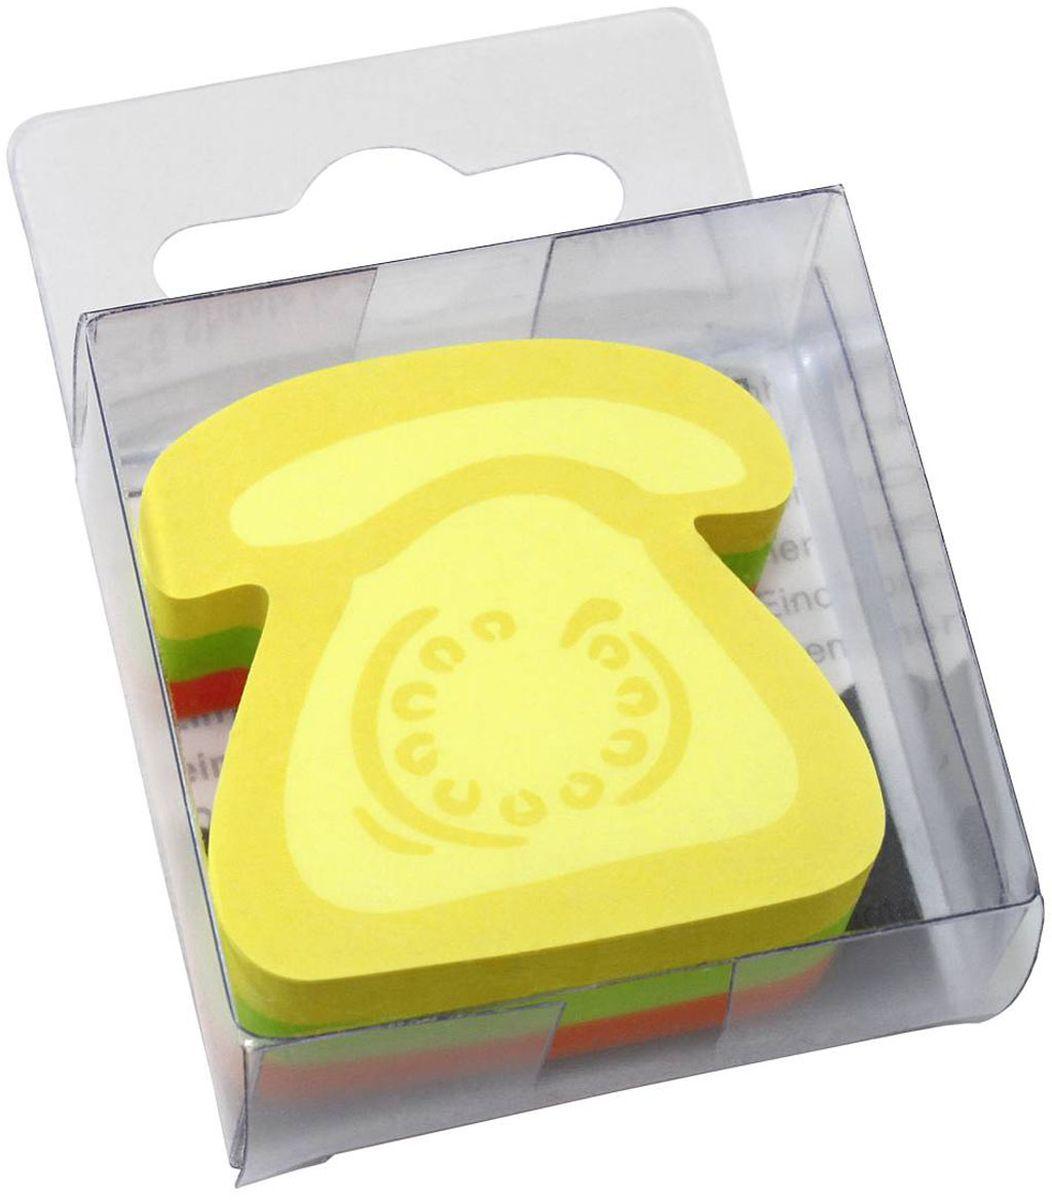 Global Notes Бумага для заметок с липким слоем Телефон 5 х 5 см 225 листов126695Бумага для заметок с липким слоем Global Notes Телефон обязательно привлечет внимание к вашему сообщению. Листочки легко приклеиваются к любой поверхности, будь то бумага, корпус монитора, дверь. Не оставляют следов после отклеивания.